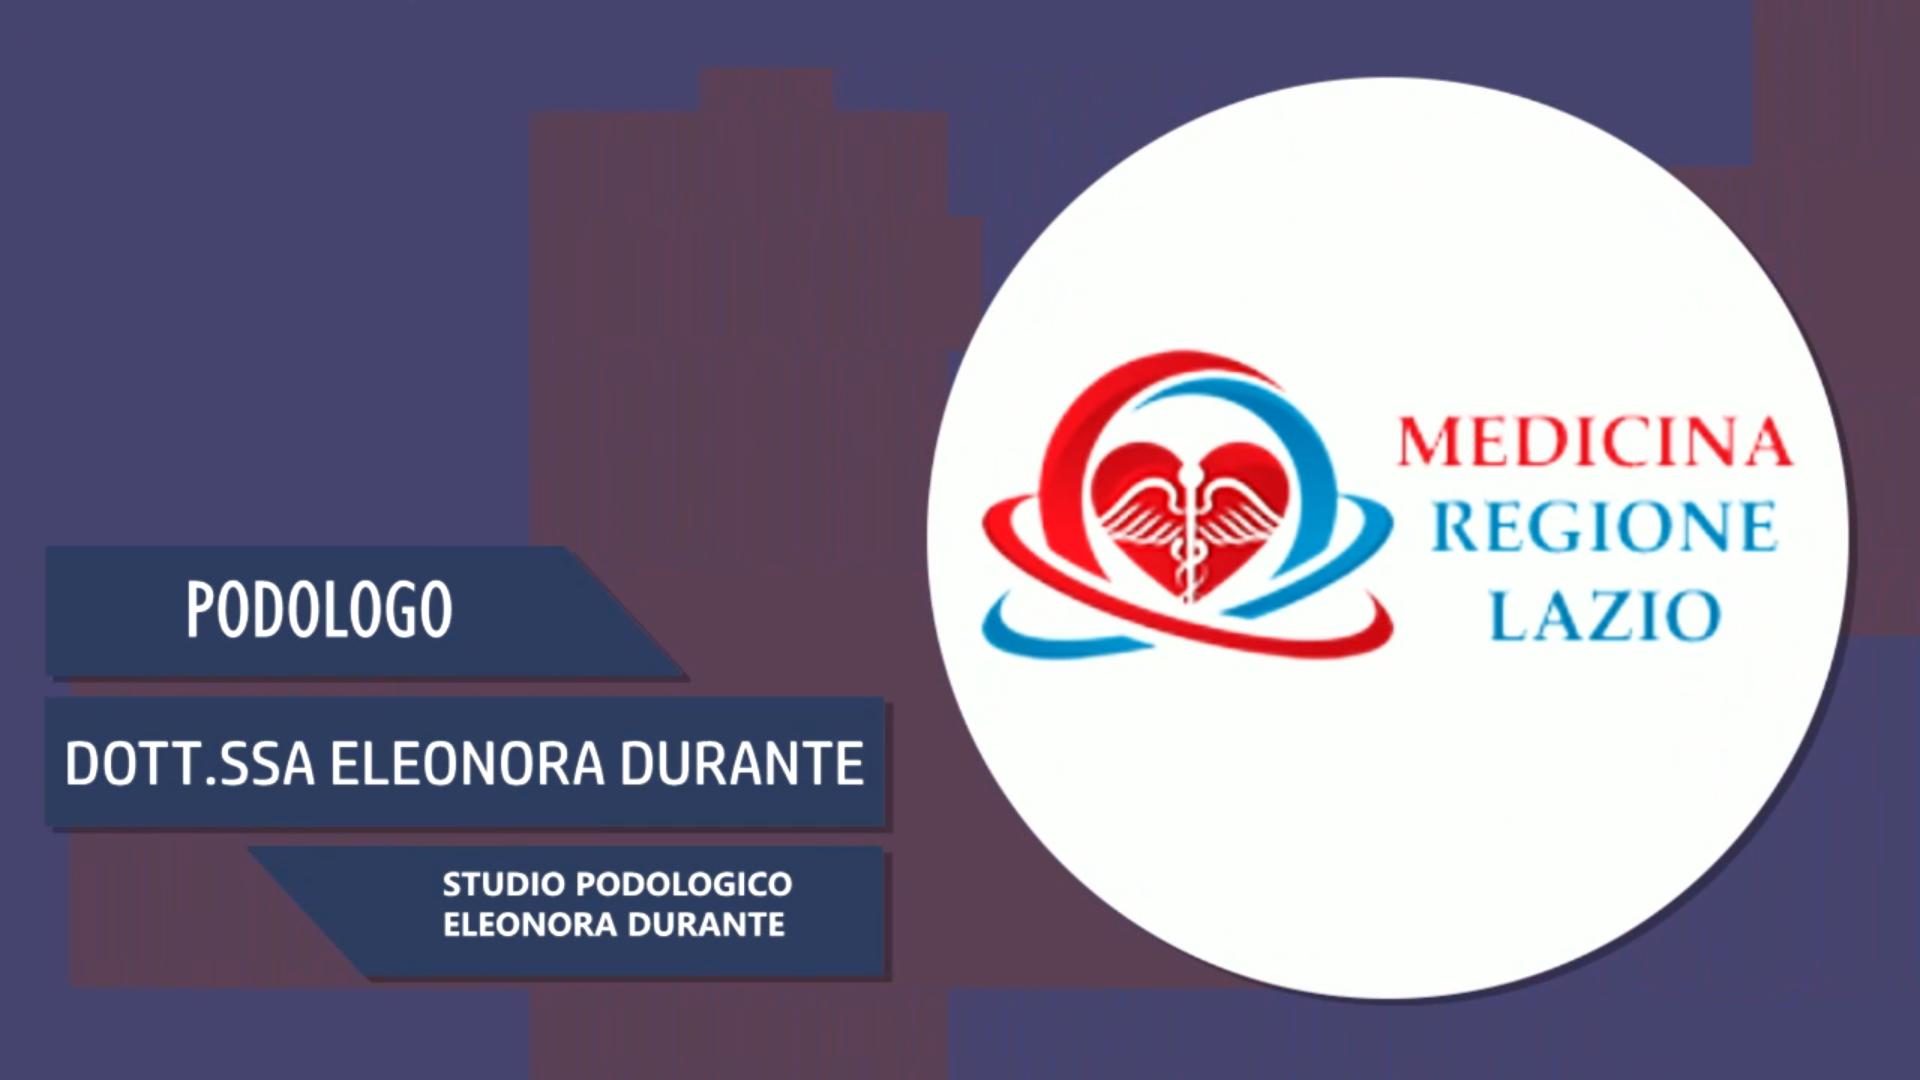 Intervista alla Dott.ssa Eleonora Durante – Studio podologico Eleonora Durante